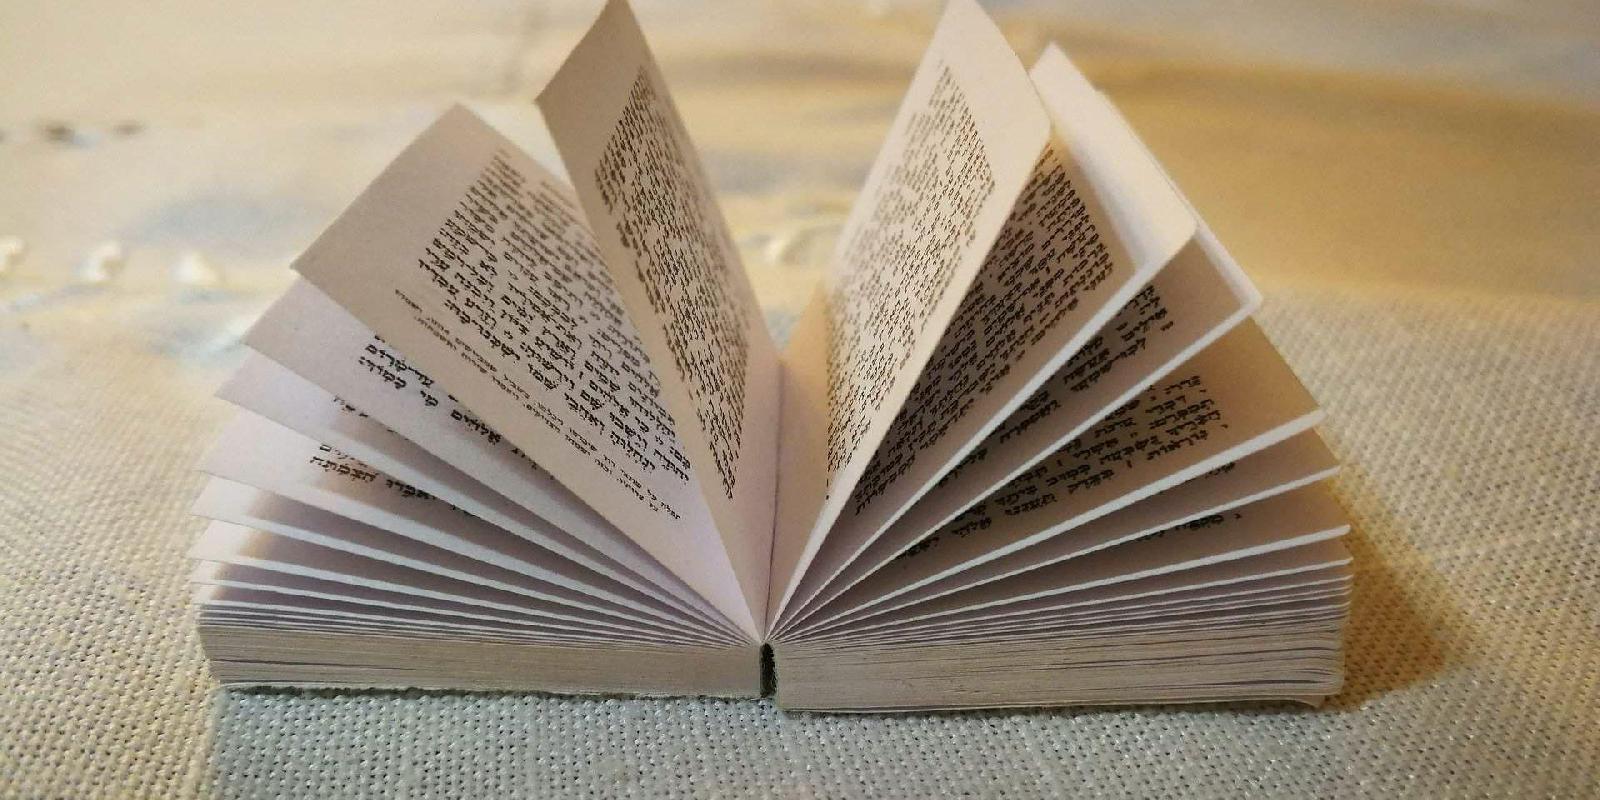 Aspectos históricos e literários da Bíblia: a Verdade na Bíblia